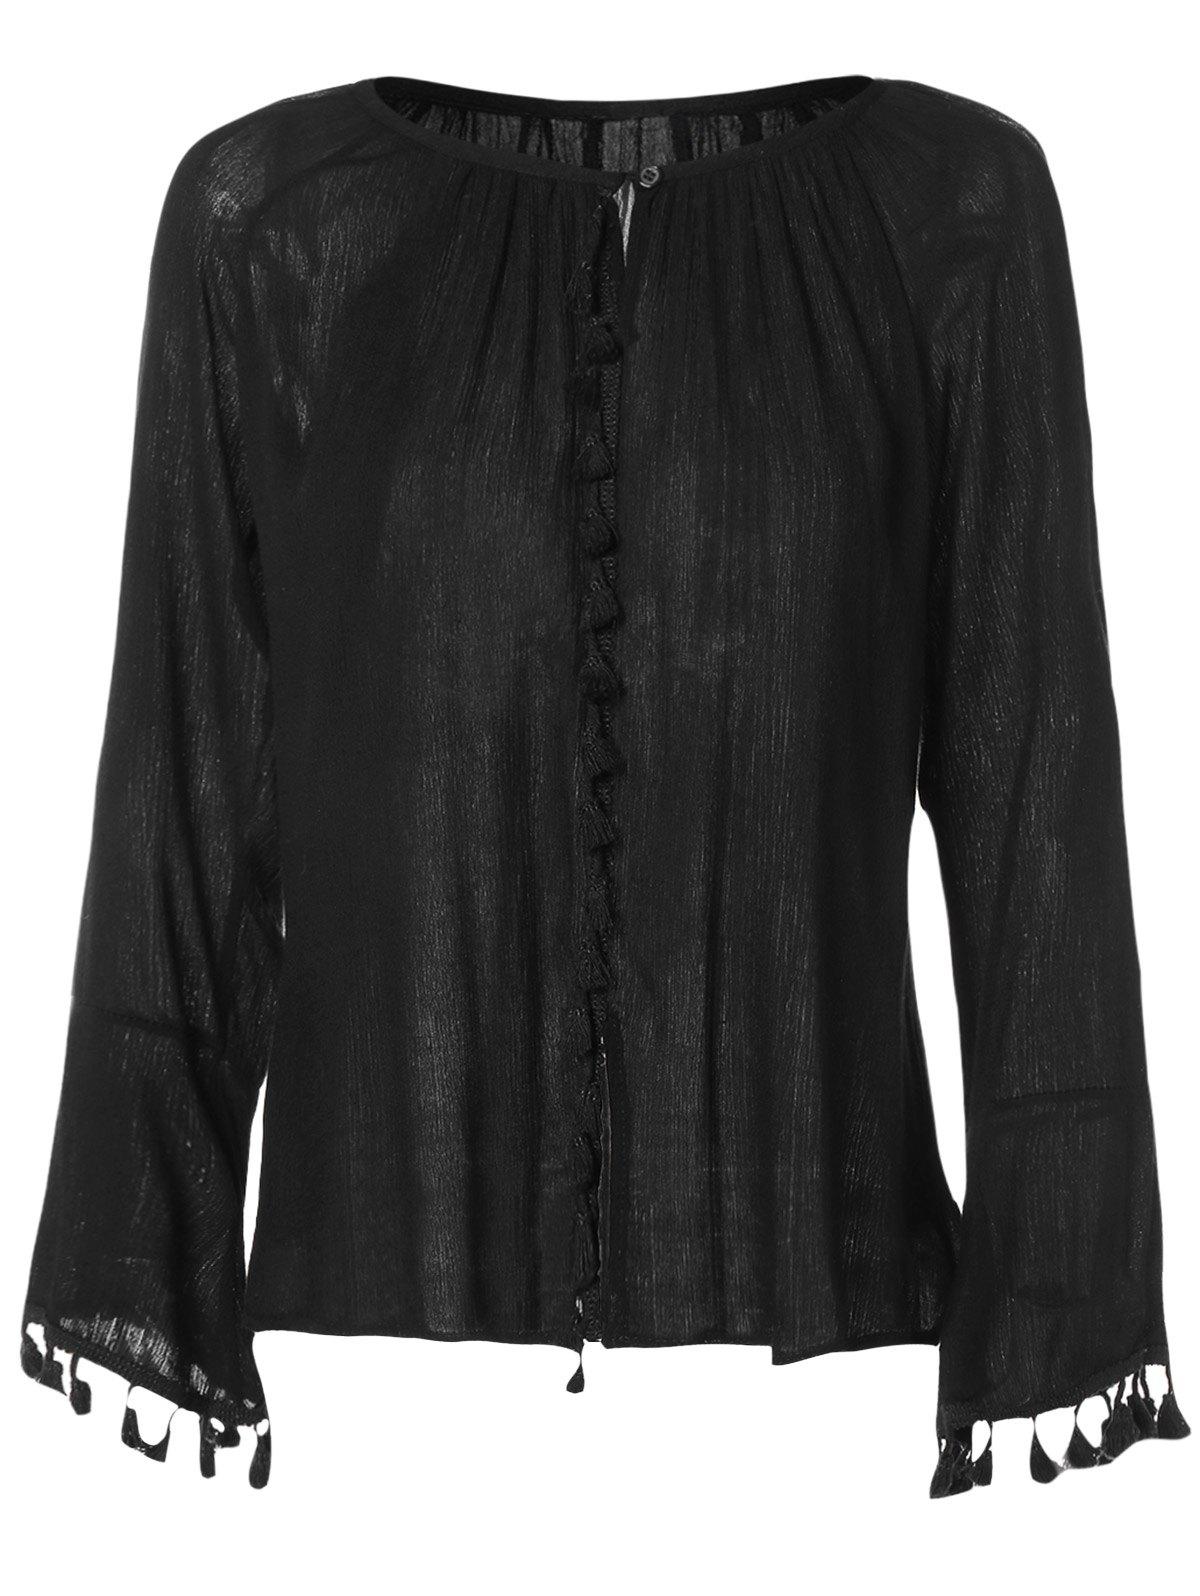 V Neck Flare Sleeve Fringe BlouseClothes<br><br><br>Size: M<br>Color: BLACK